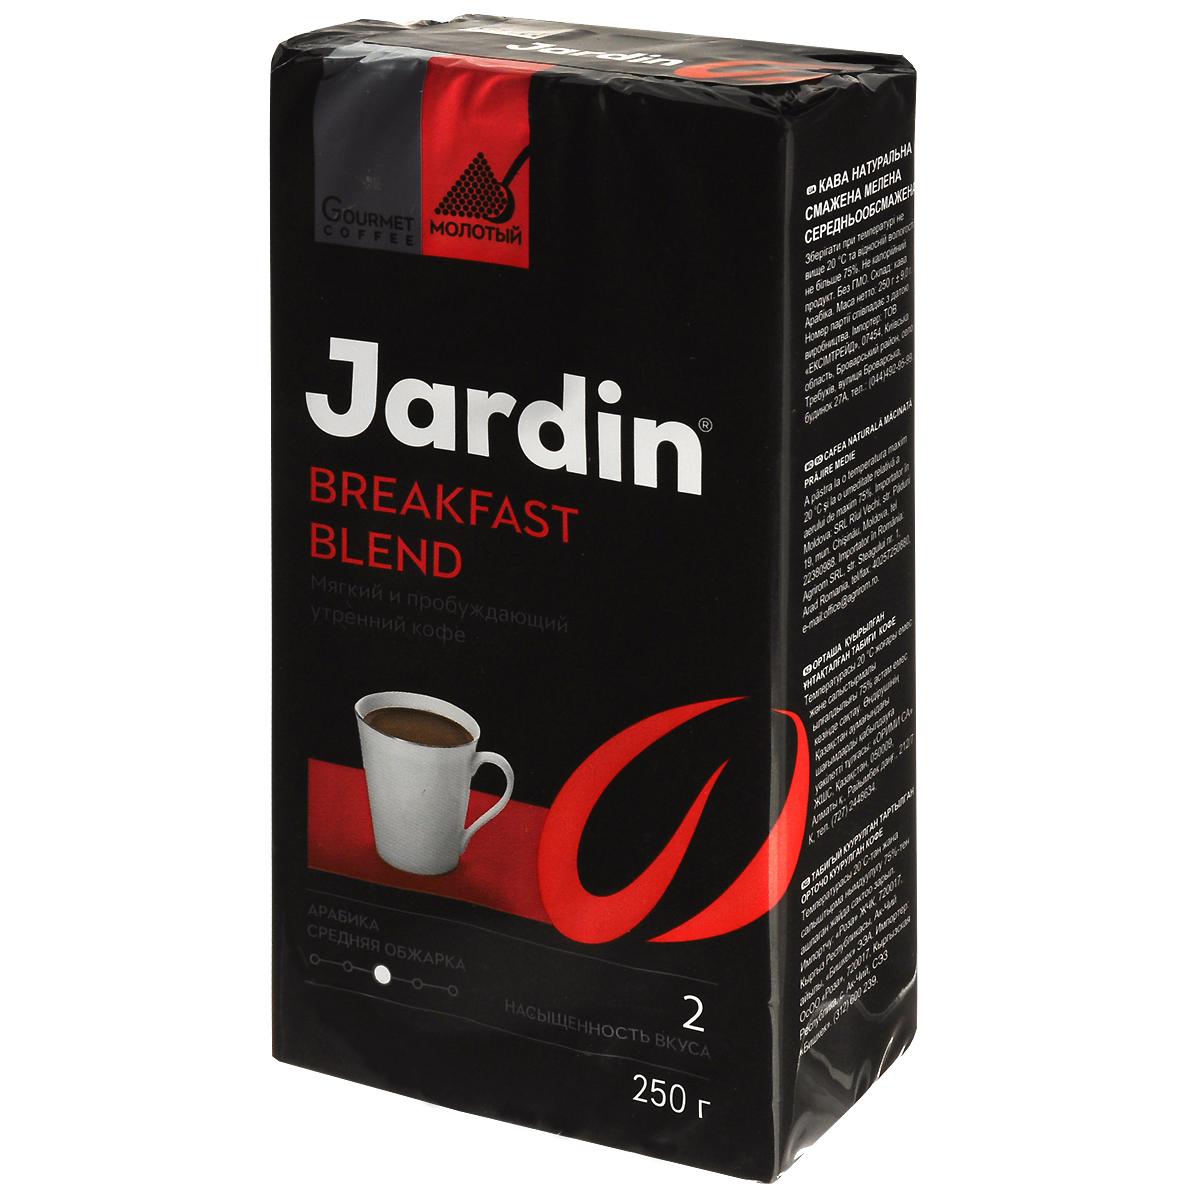 Jardin Breakfast Blend кофе молотый, 250 г101246Два сорта эксклюзивной Арабики - Бразилия Сул де Минас и Гватемала Антигуа - соединяются в утонченной композиции JJardin Breakfast Blend создавая мягкий и глубокий вкус необычайно ароматного кофе.